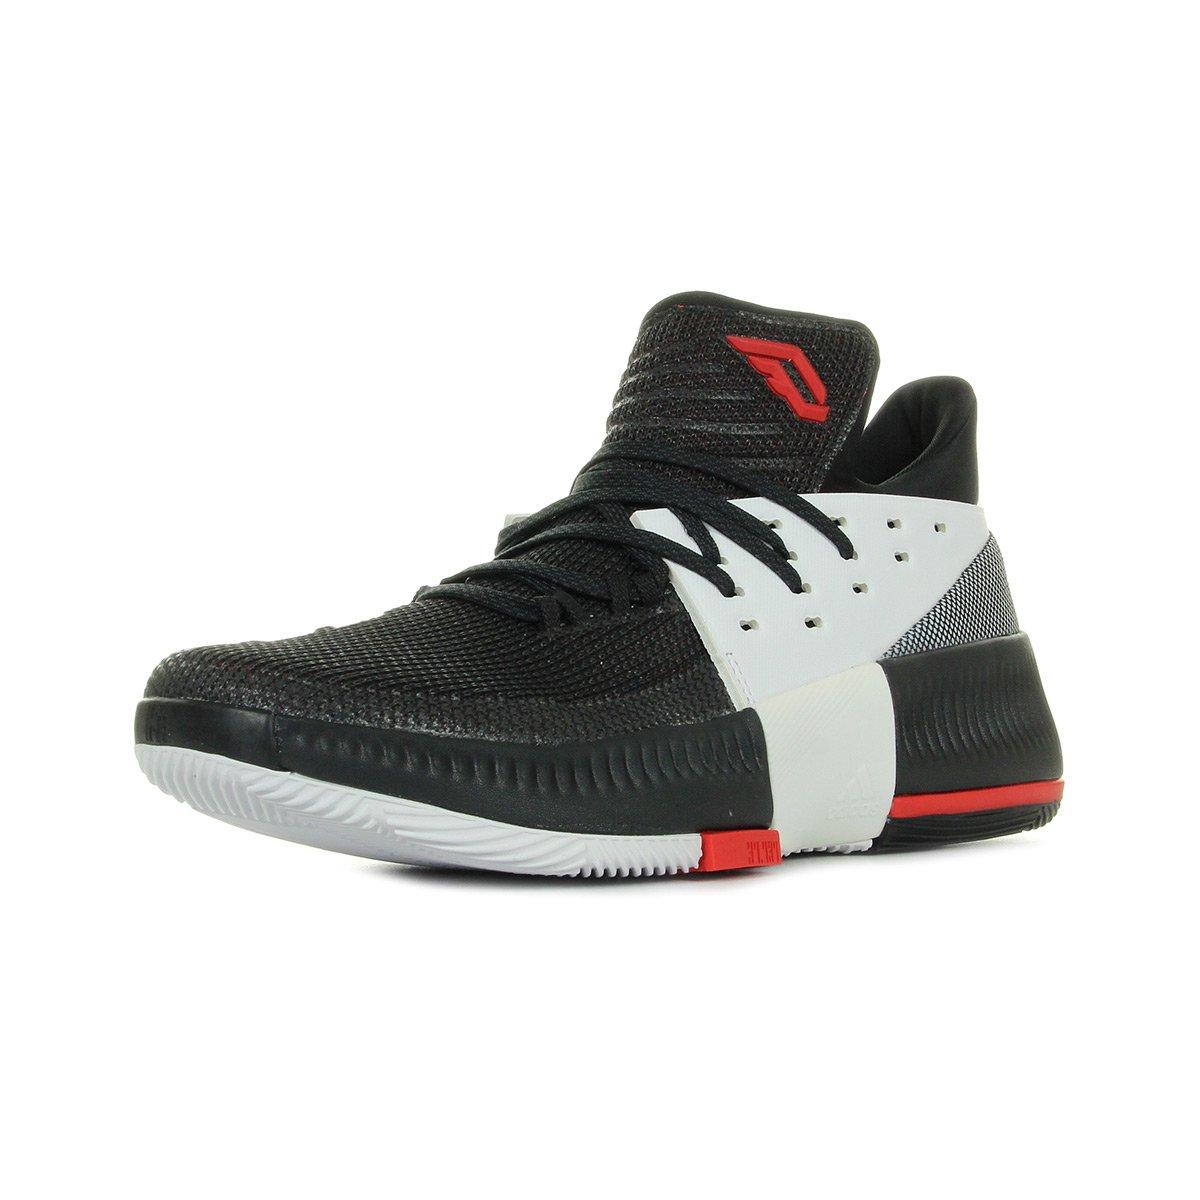 adidas D Lillard 3 Zapatillas de Baloncesto, Hombre: Amazon.es ...